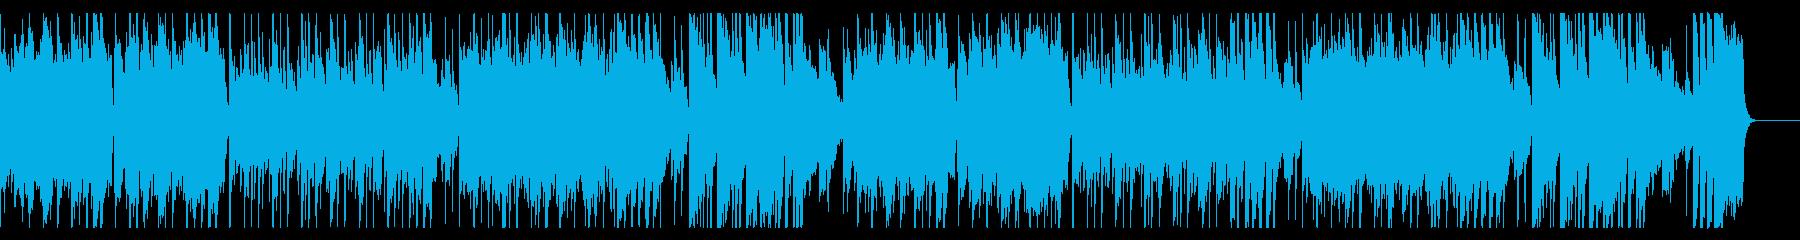 中国宮廷風フルバージョンの再生済みの波形